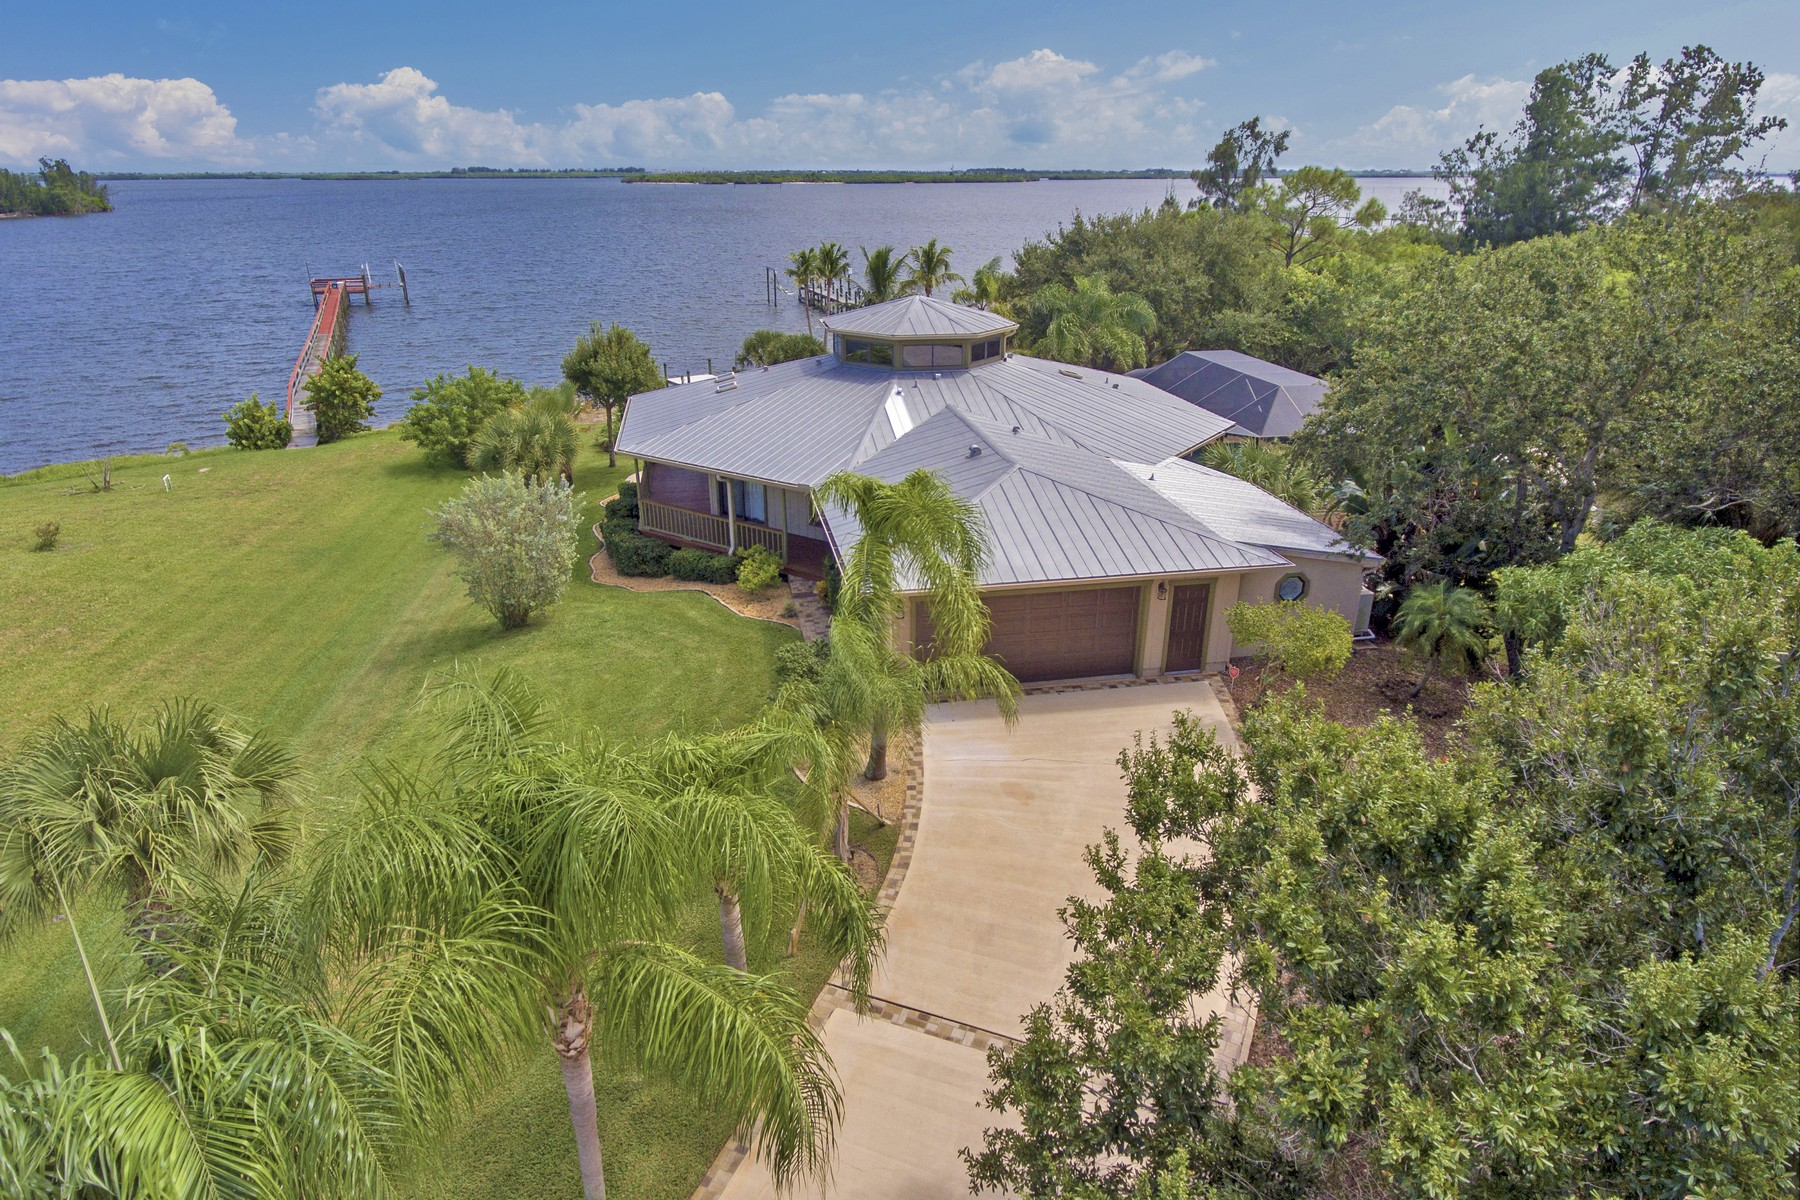 Island Inspired Getaway 6210 109th Street Sebastian, Florida 32958 Hoa Kỳ